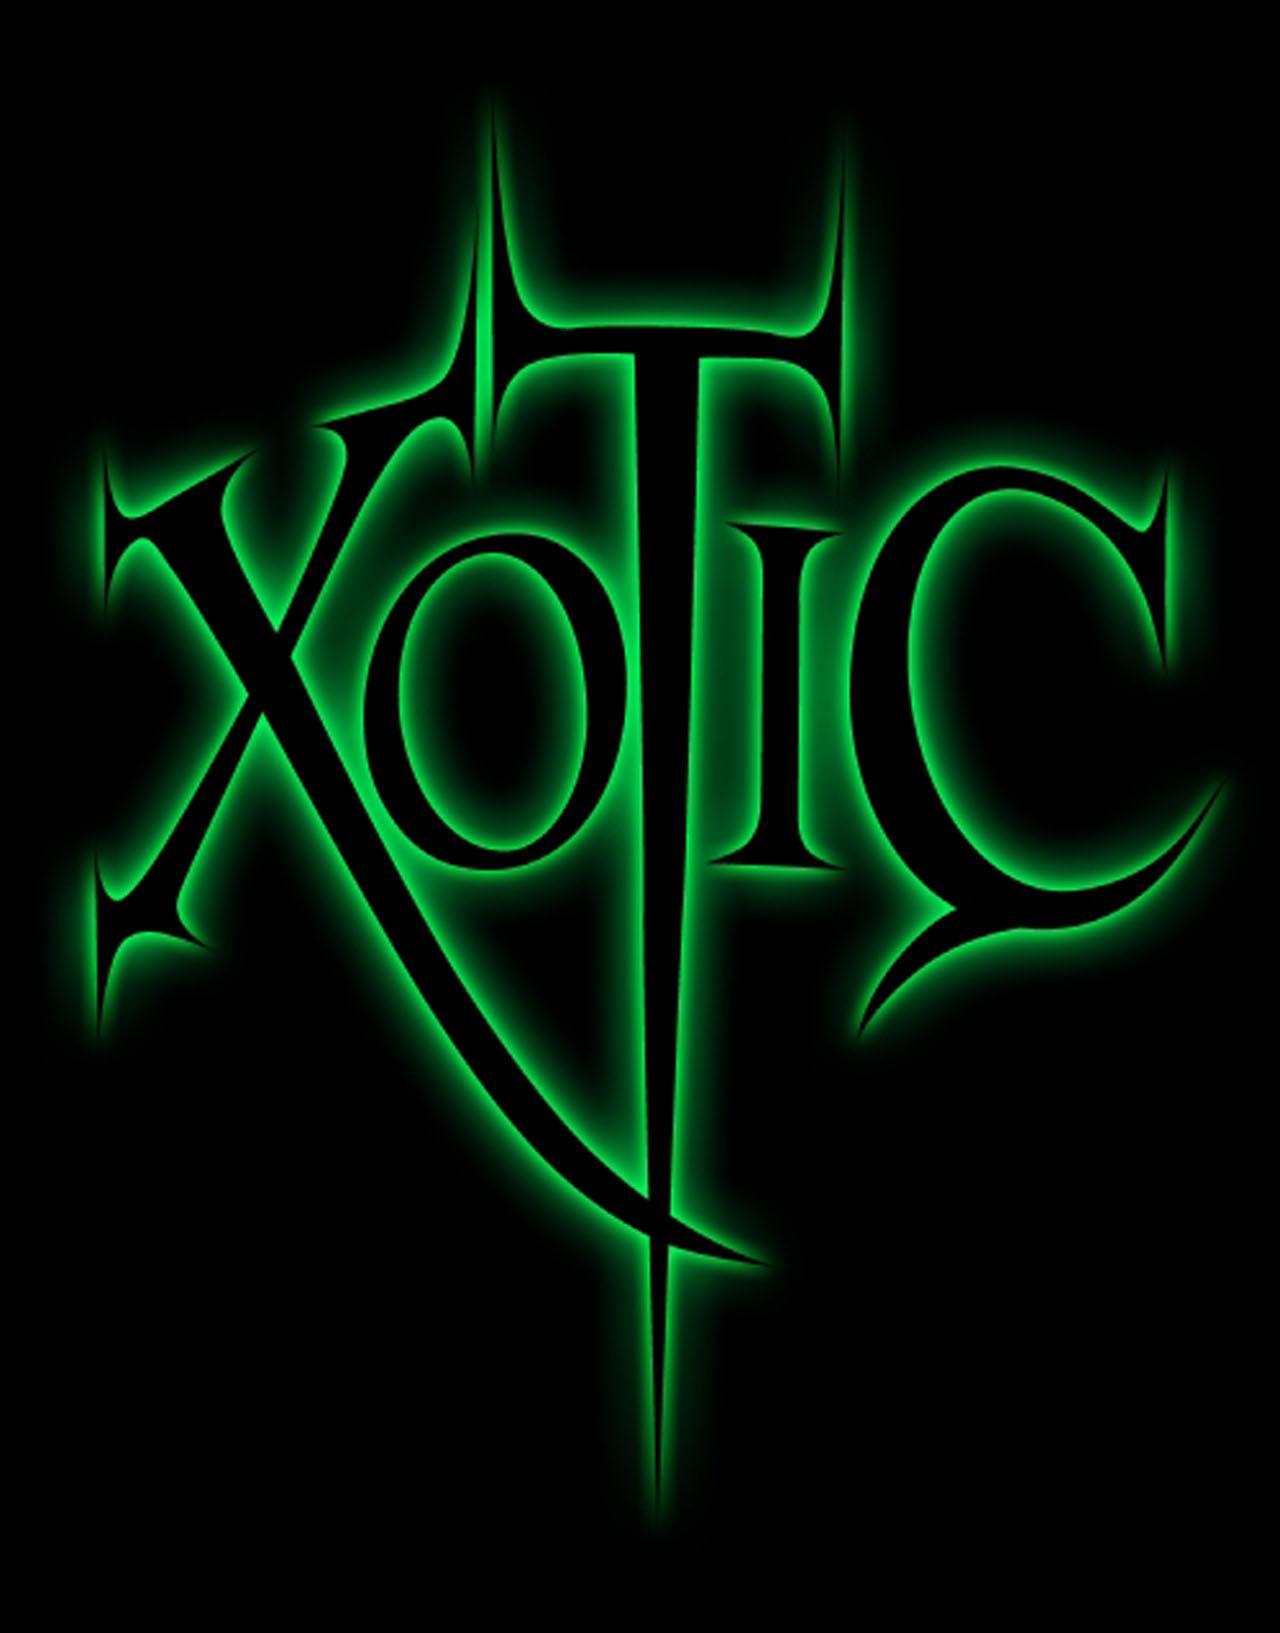 xotic-logo